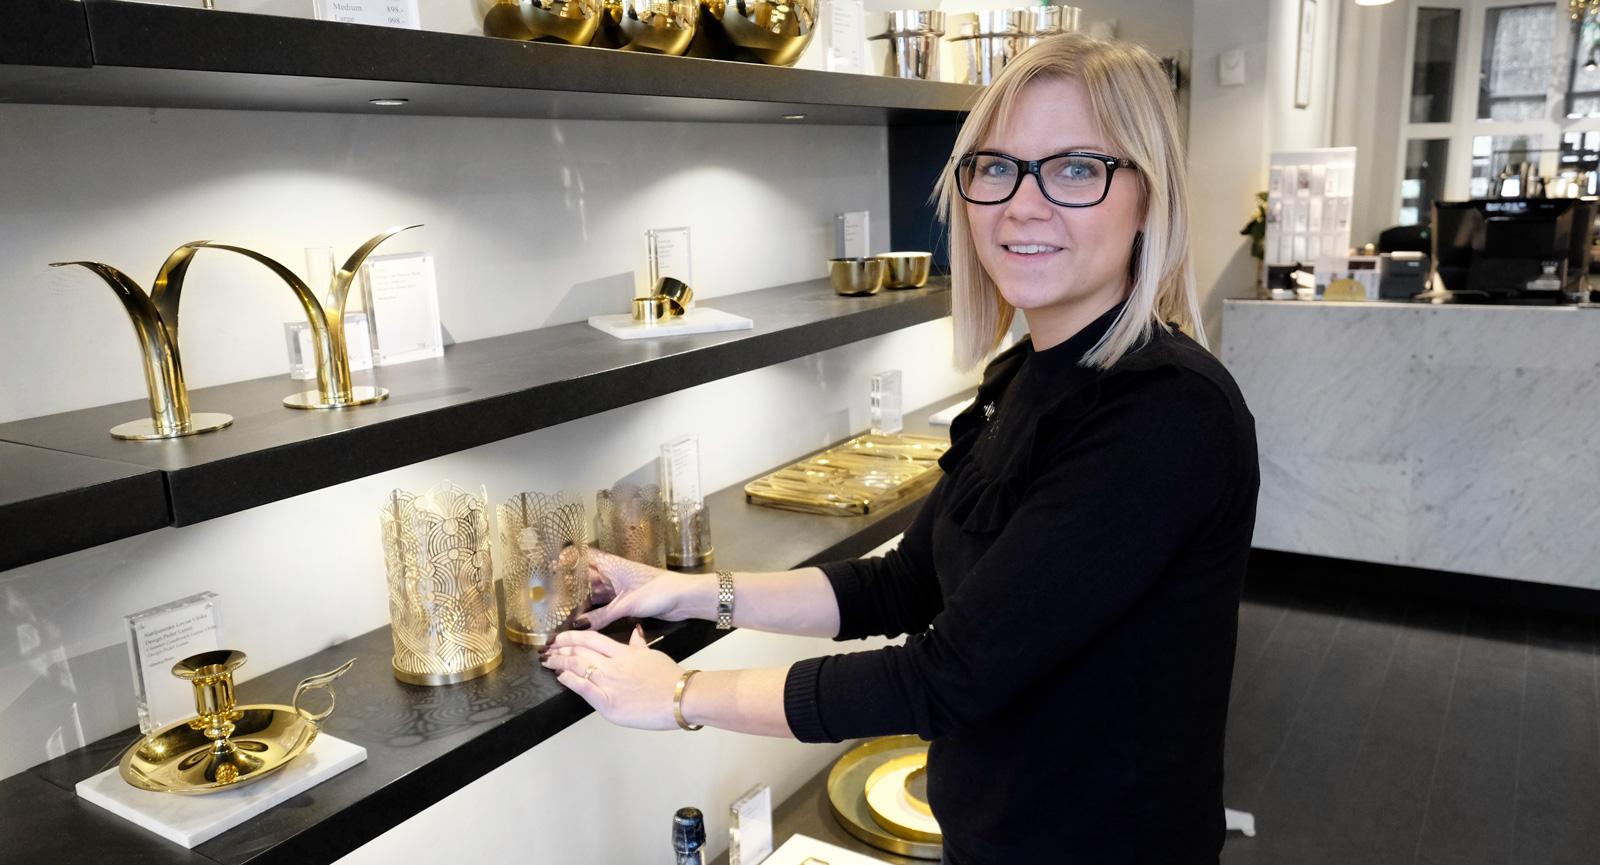 Madde Hedlund, assisterande butikschef, visar några av Skultunas mest populära produkter.